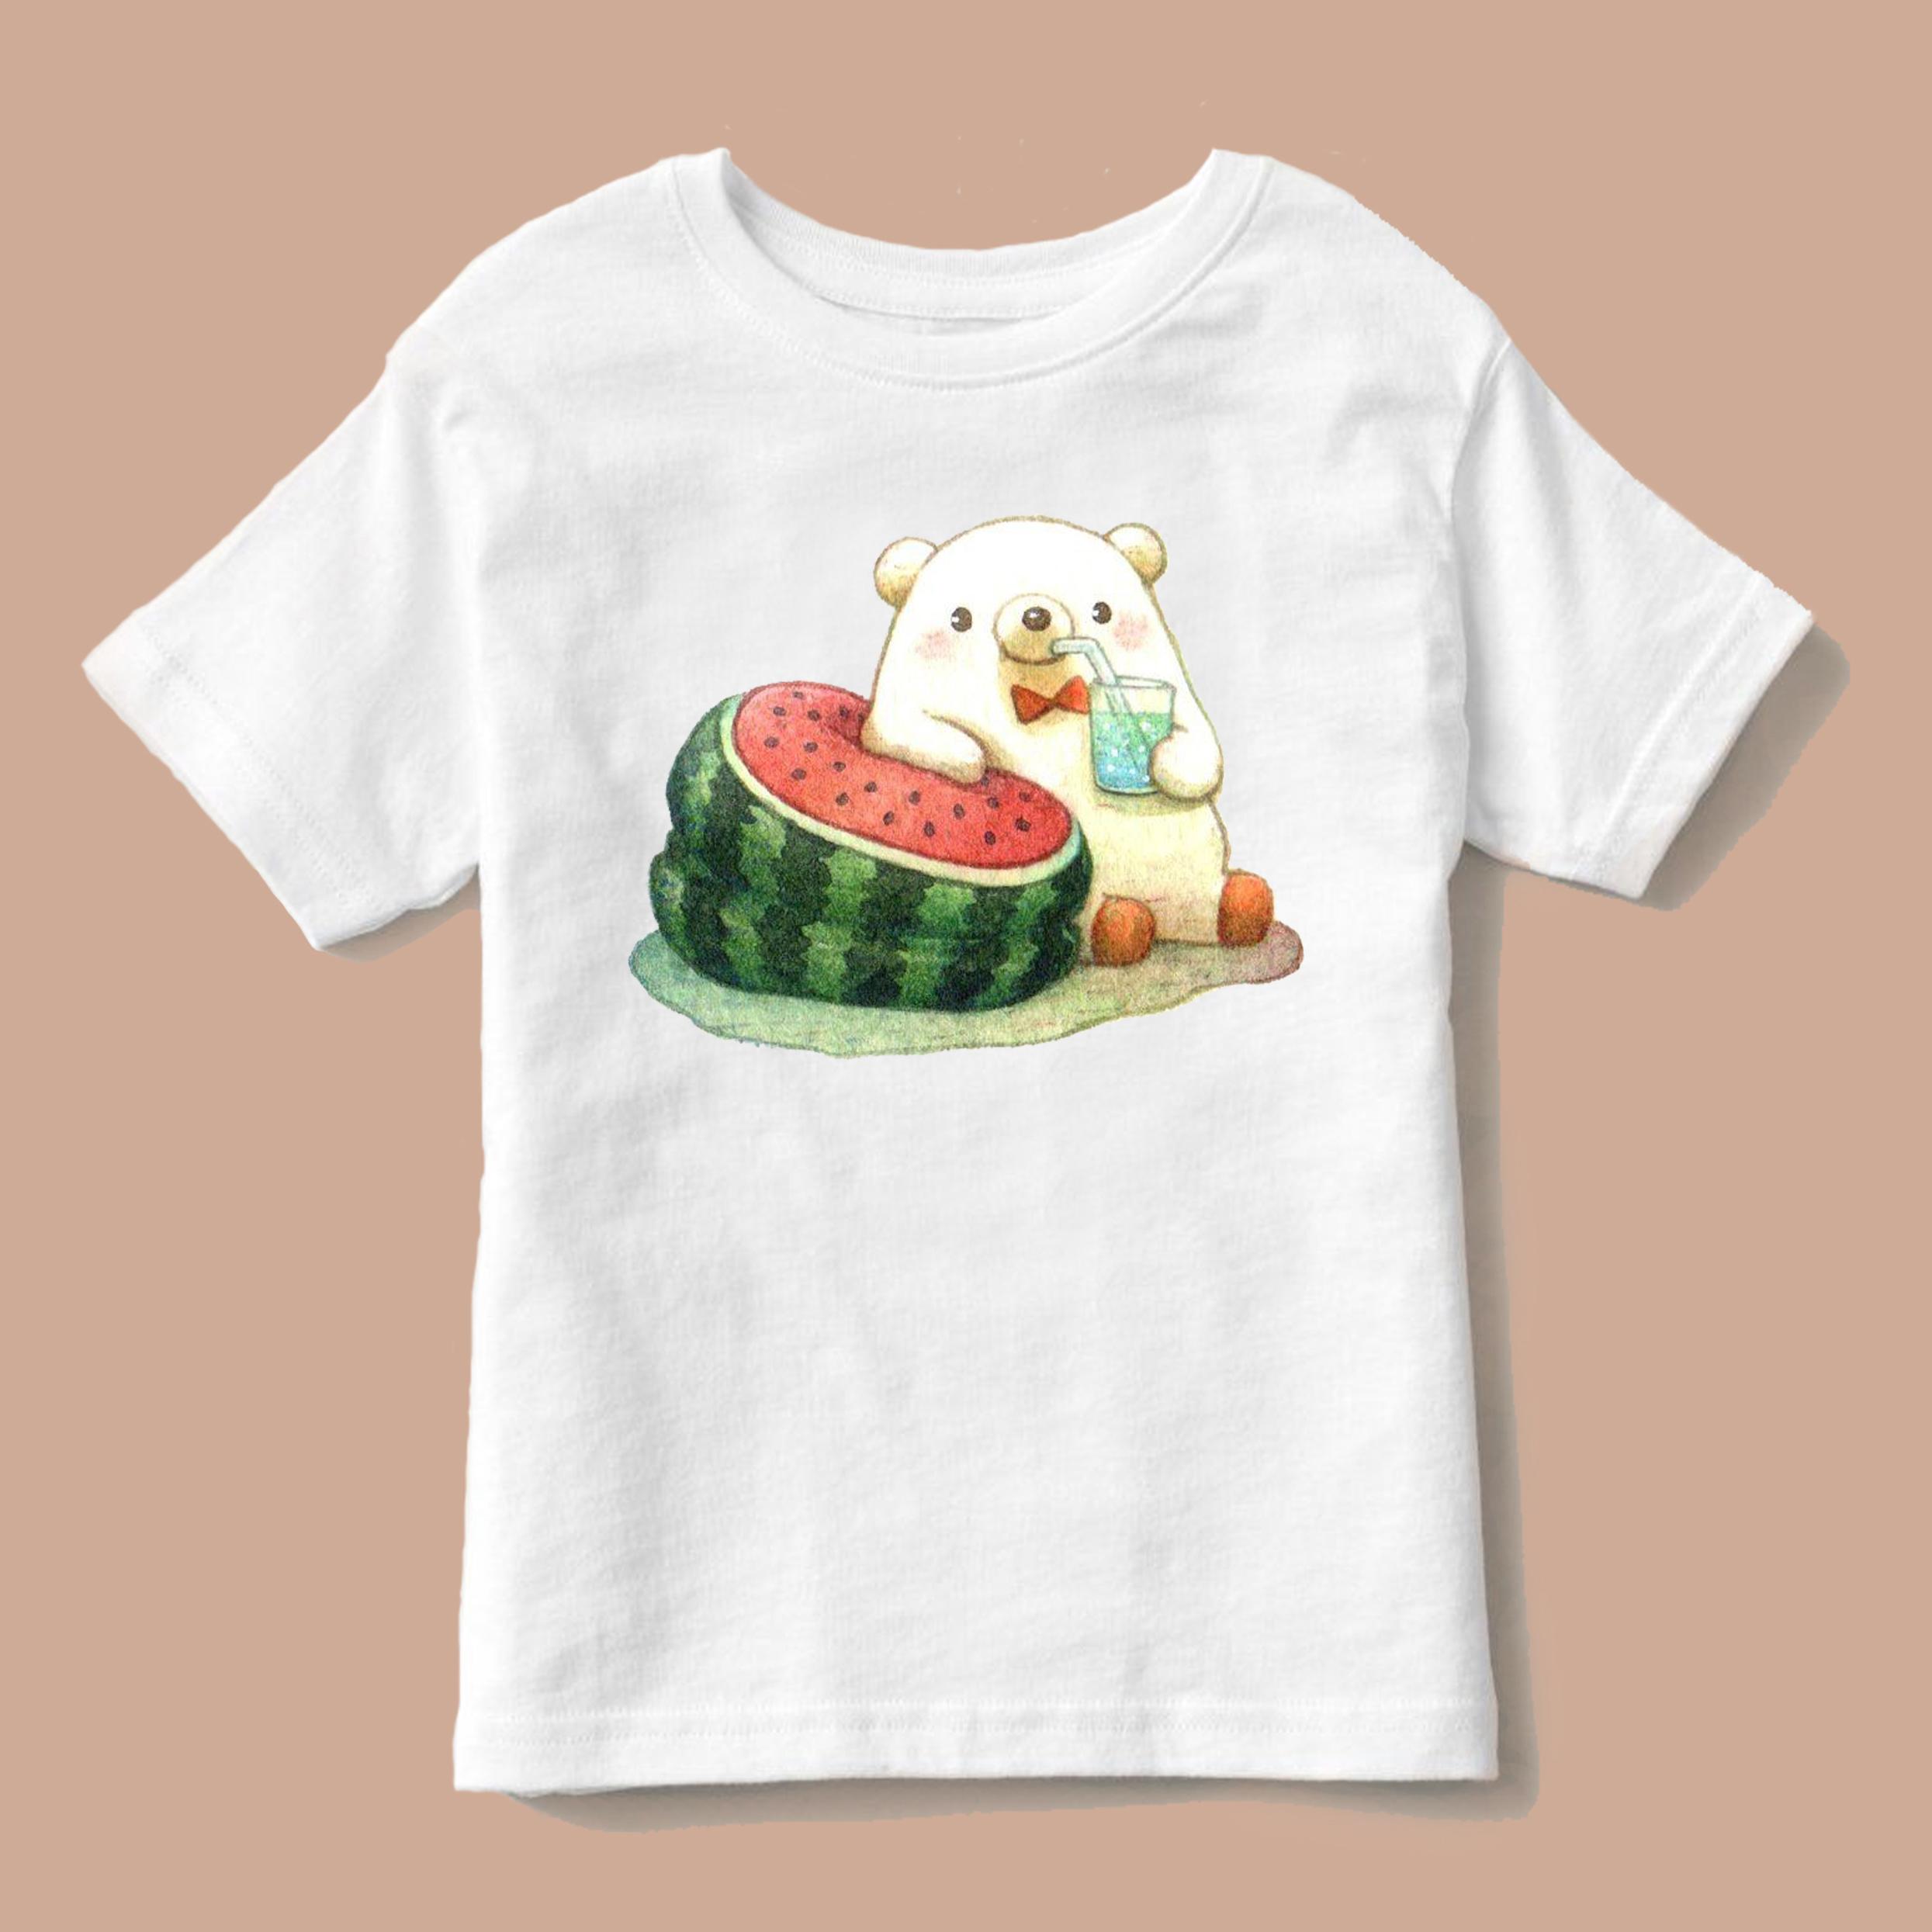 تی شرت بچگانه طرح هندوانه یلدایی کد p8